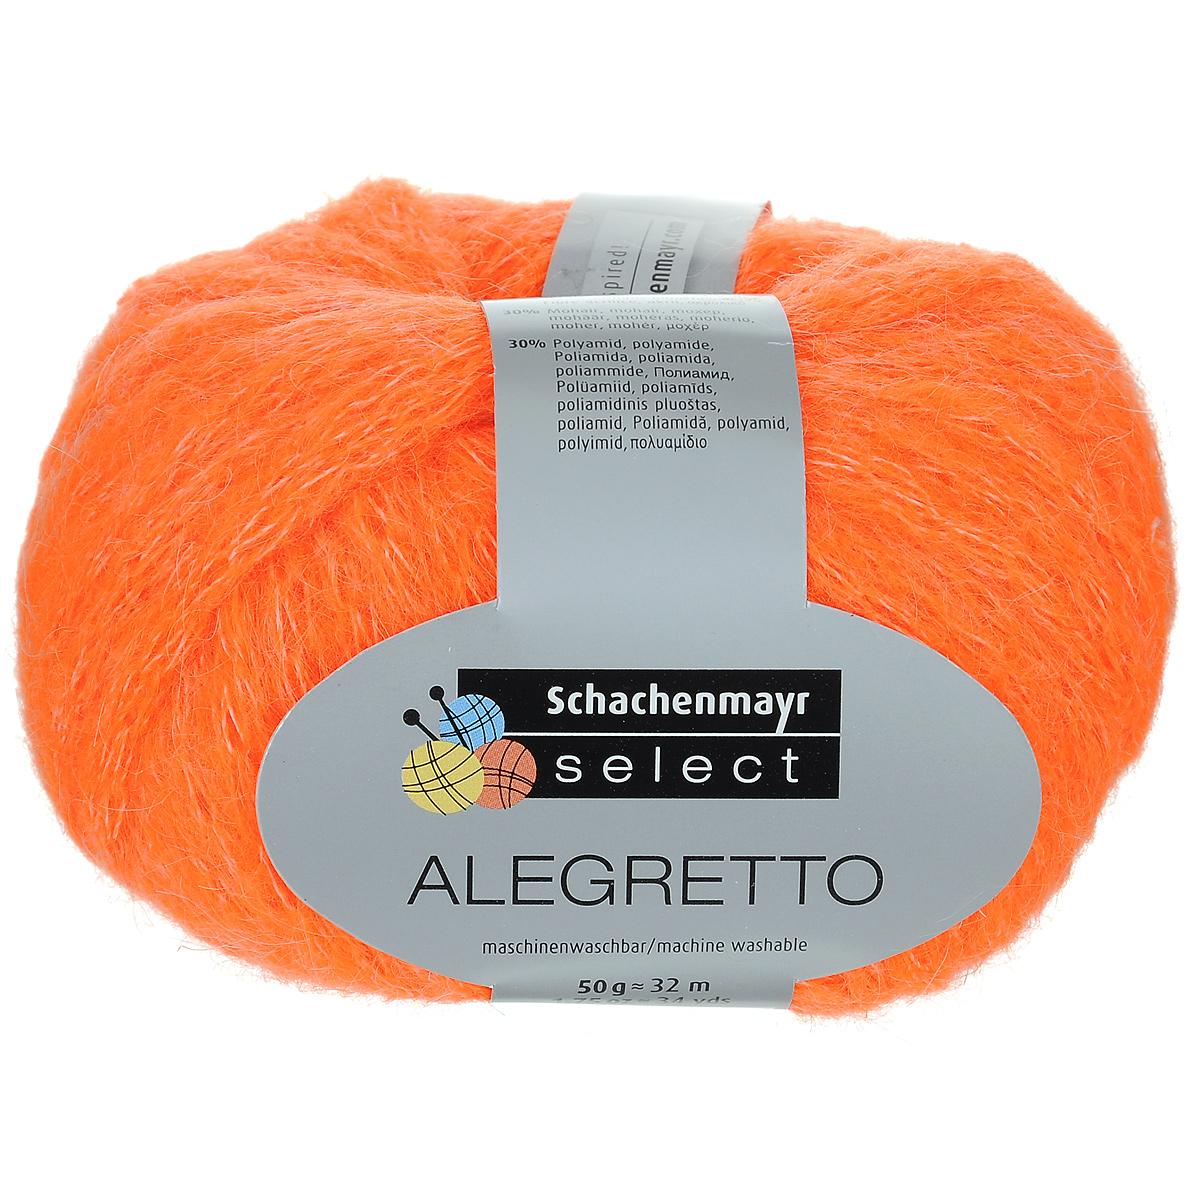 Пряжа для вязания Schachenmayr Select Alegretto, цвет: неоновый оранжевый (08521), 32 м, 50 г. 9811765-085219811765-08521Пряжа Schachenmayr Select Alegretto - это дизайнерская пряжа для создания кутюрных изделий. Изготовленная из 40% полиакрила, 30% мохера и 30% полиамида, такая пряжа очень мягкая, создает впечатление шнура, связанного на крупных спицах. Подходит для вязания верхней одежды, а также для использования в качестве отделки. За счет объема из нее можно быстро вывязывать декоративные элементы. Рекомендованы спицы и крючок №10-12. Толщина нити: 7 мм. Состав: 30% мохер, 40% полиакрил, 30% полиамид. Вес мотка: 50 г. Длина нити: 32 м.